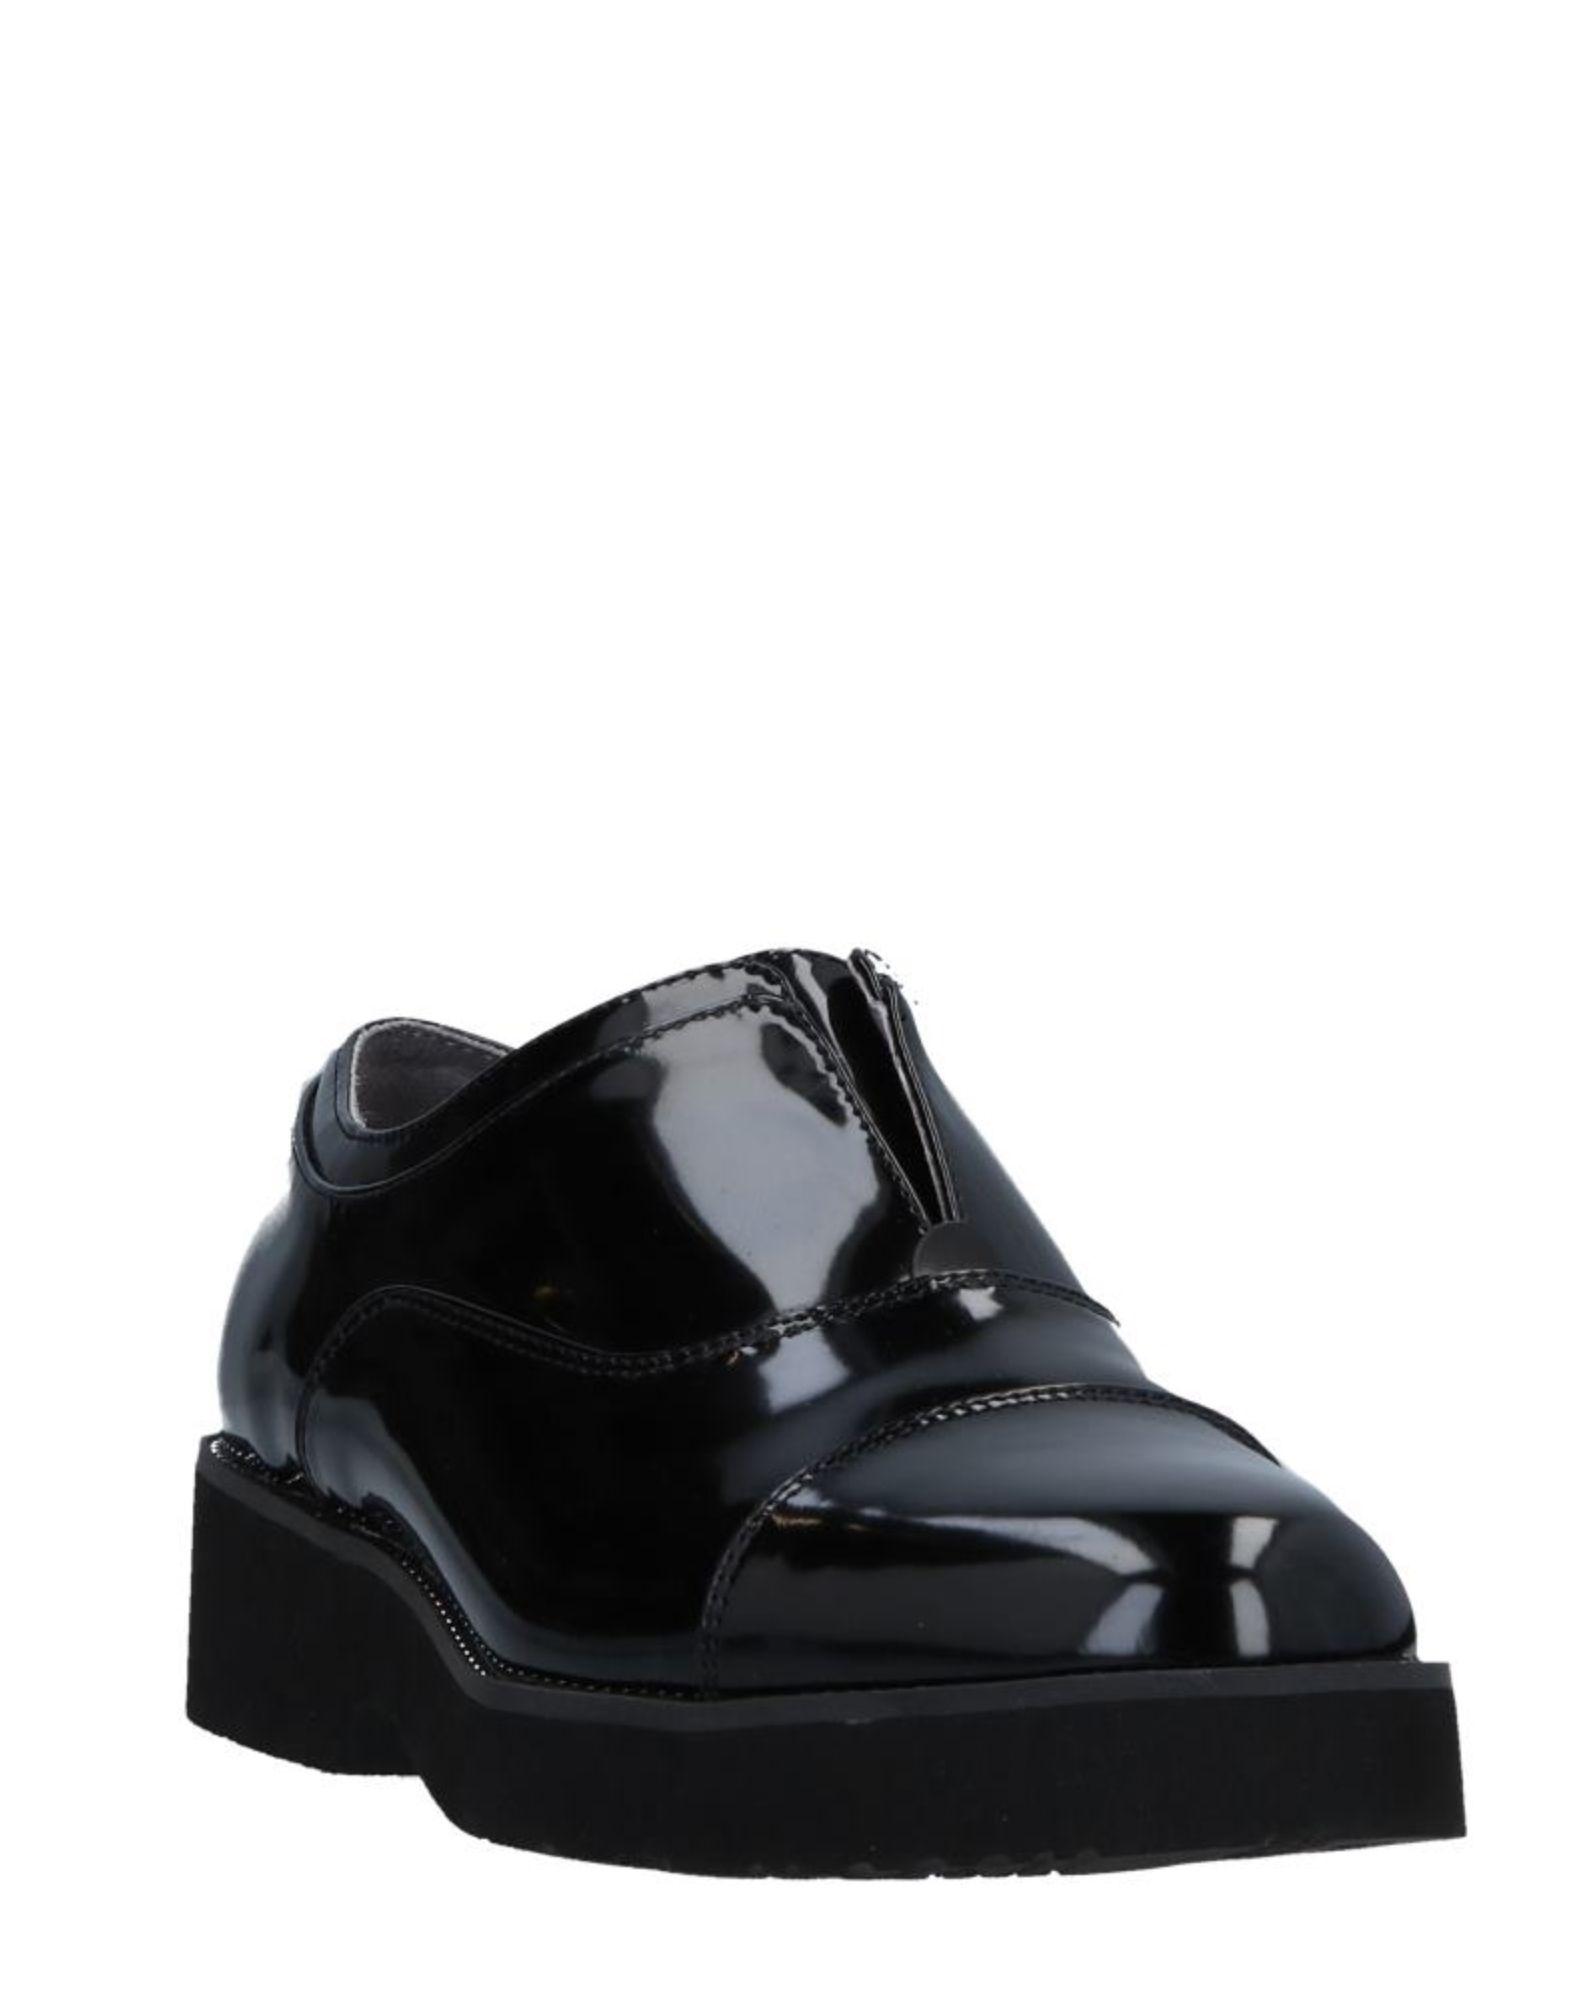 Cafènoir Mokassins Damen beliebte  11515091KG Gute Qualität beliebte Damen Schuhe 5ba196